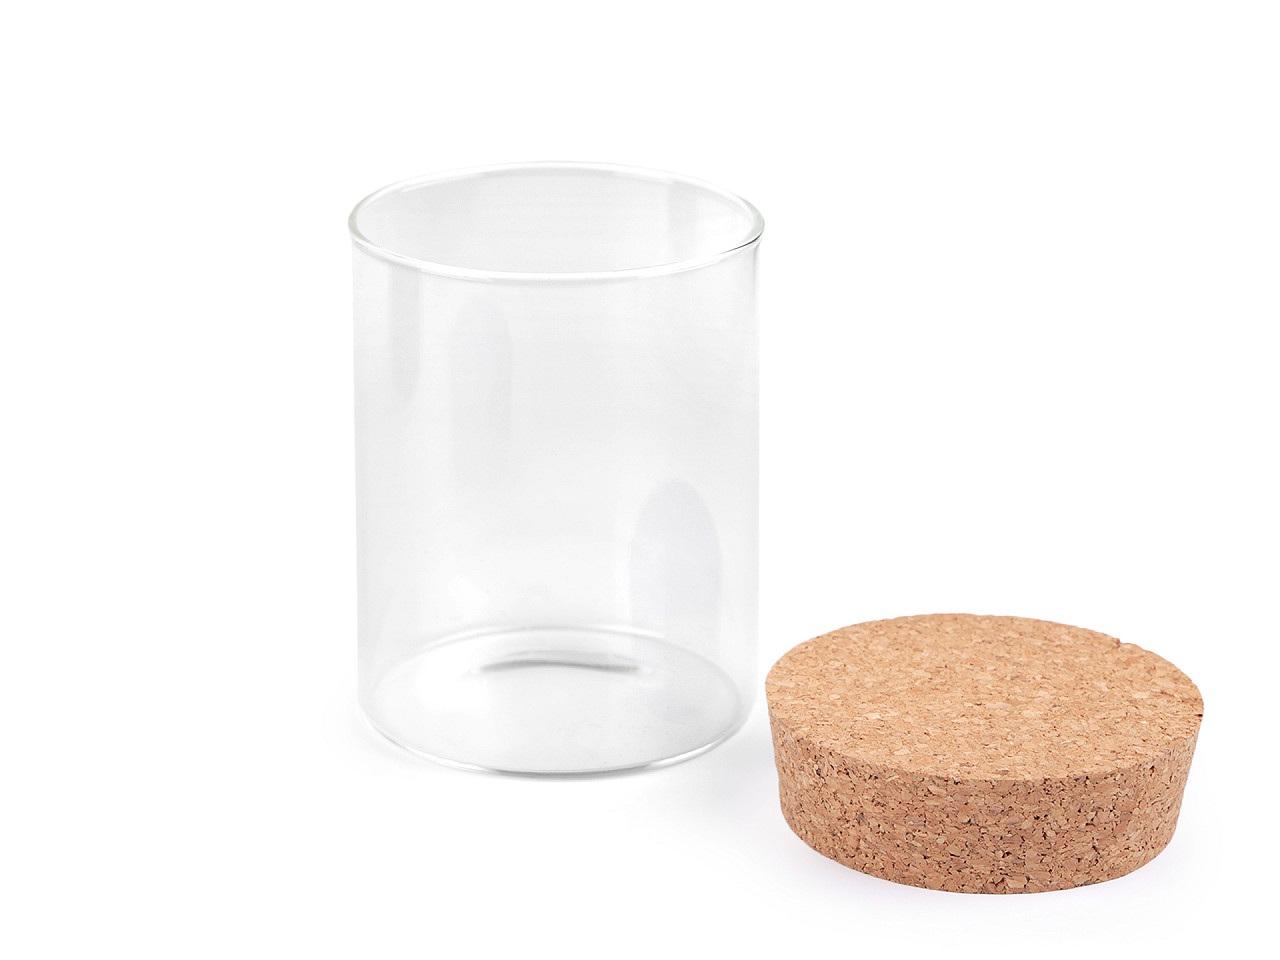 Skleněná lahvička s korkem 80x100 mm